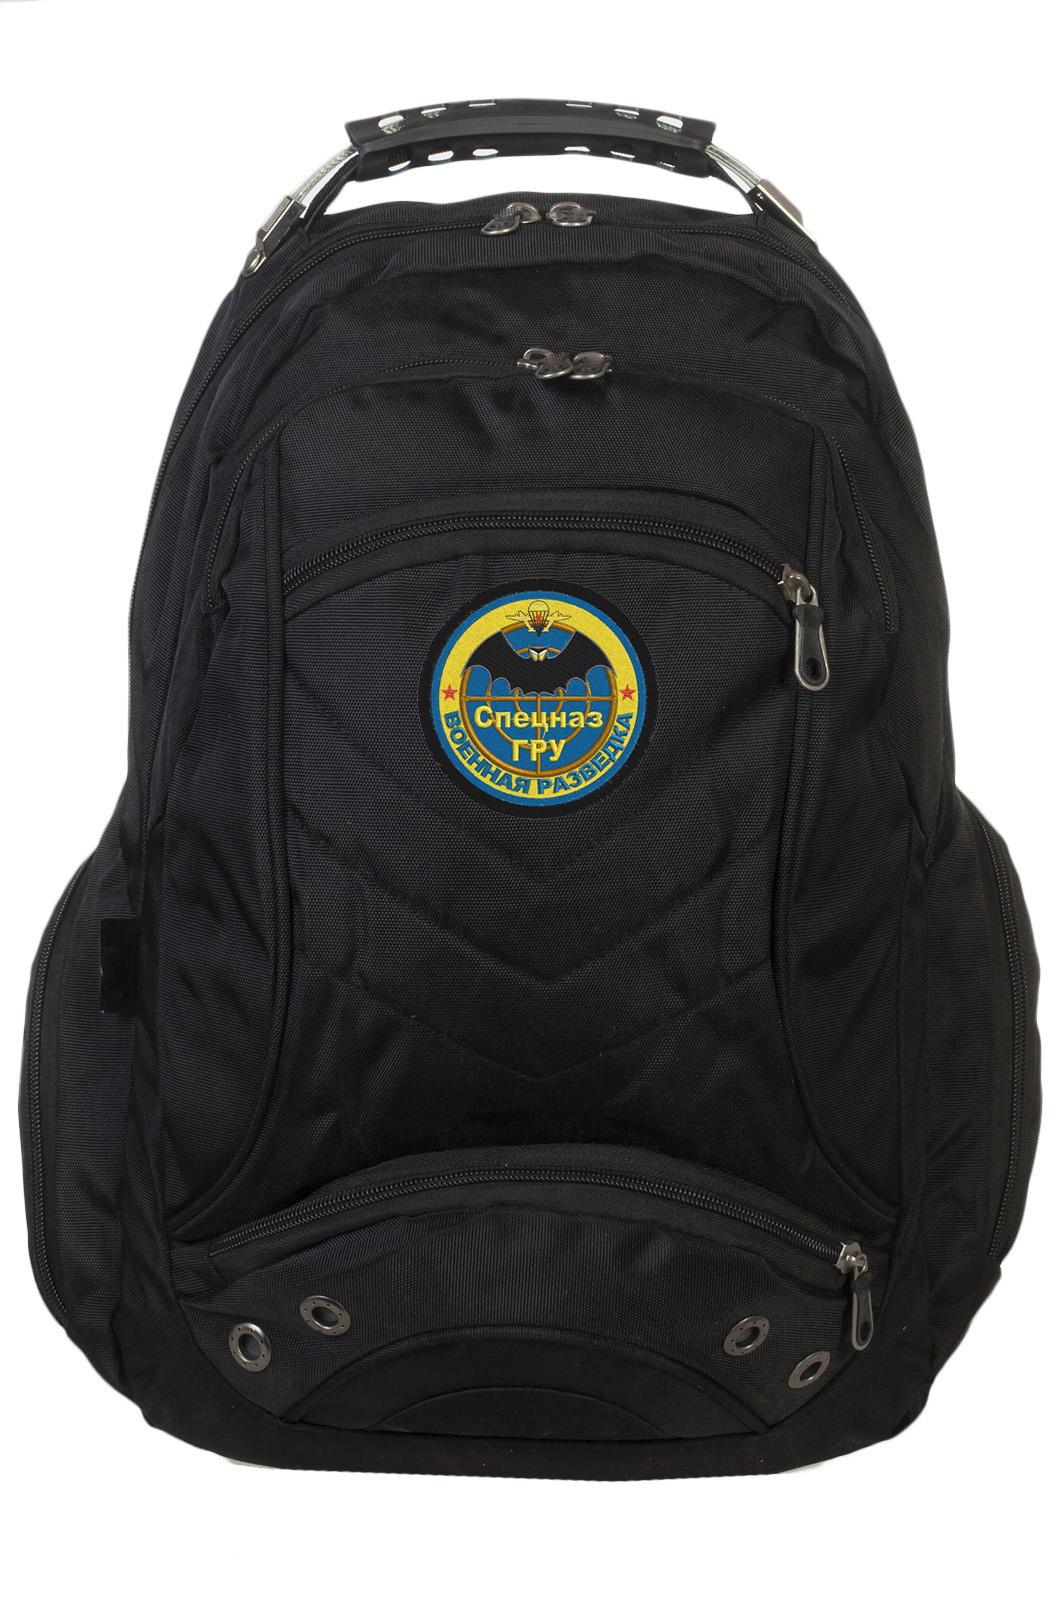 Стильный черный рюкзак с нашивкой Спецназ ГРУ купить с доставкой